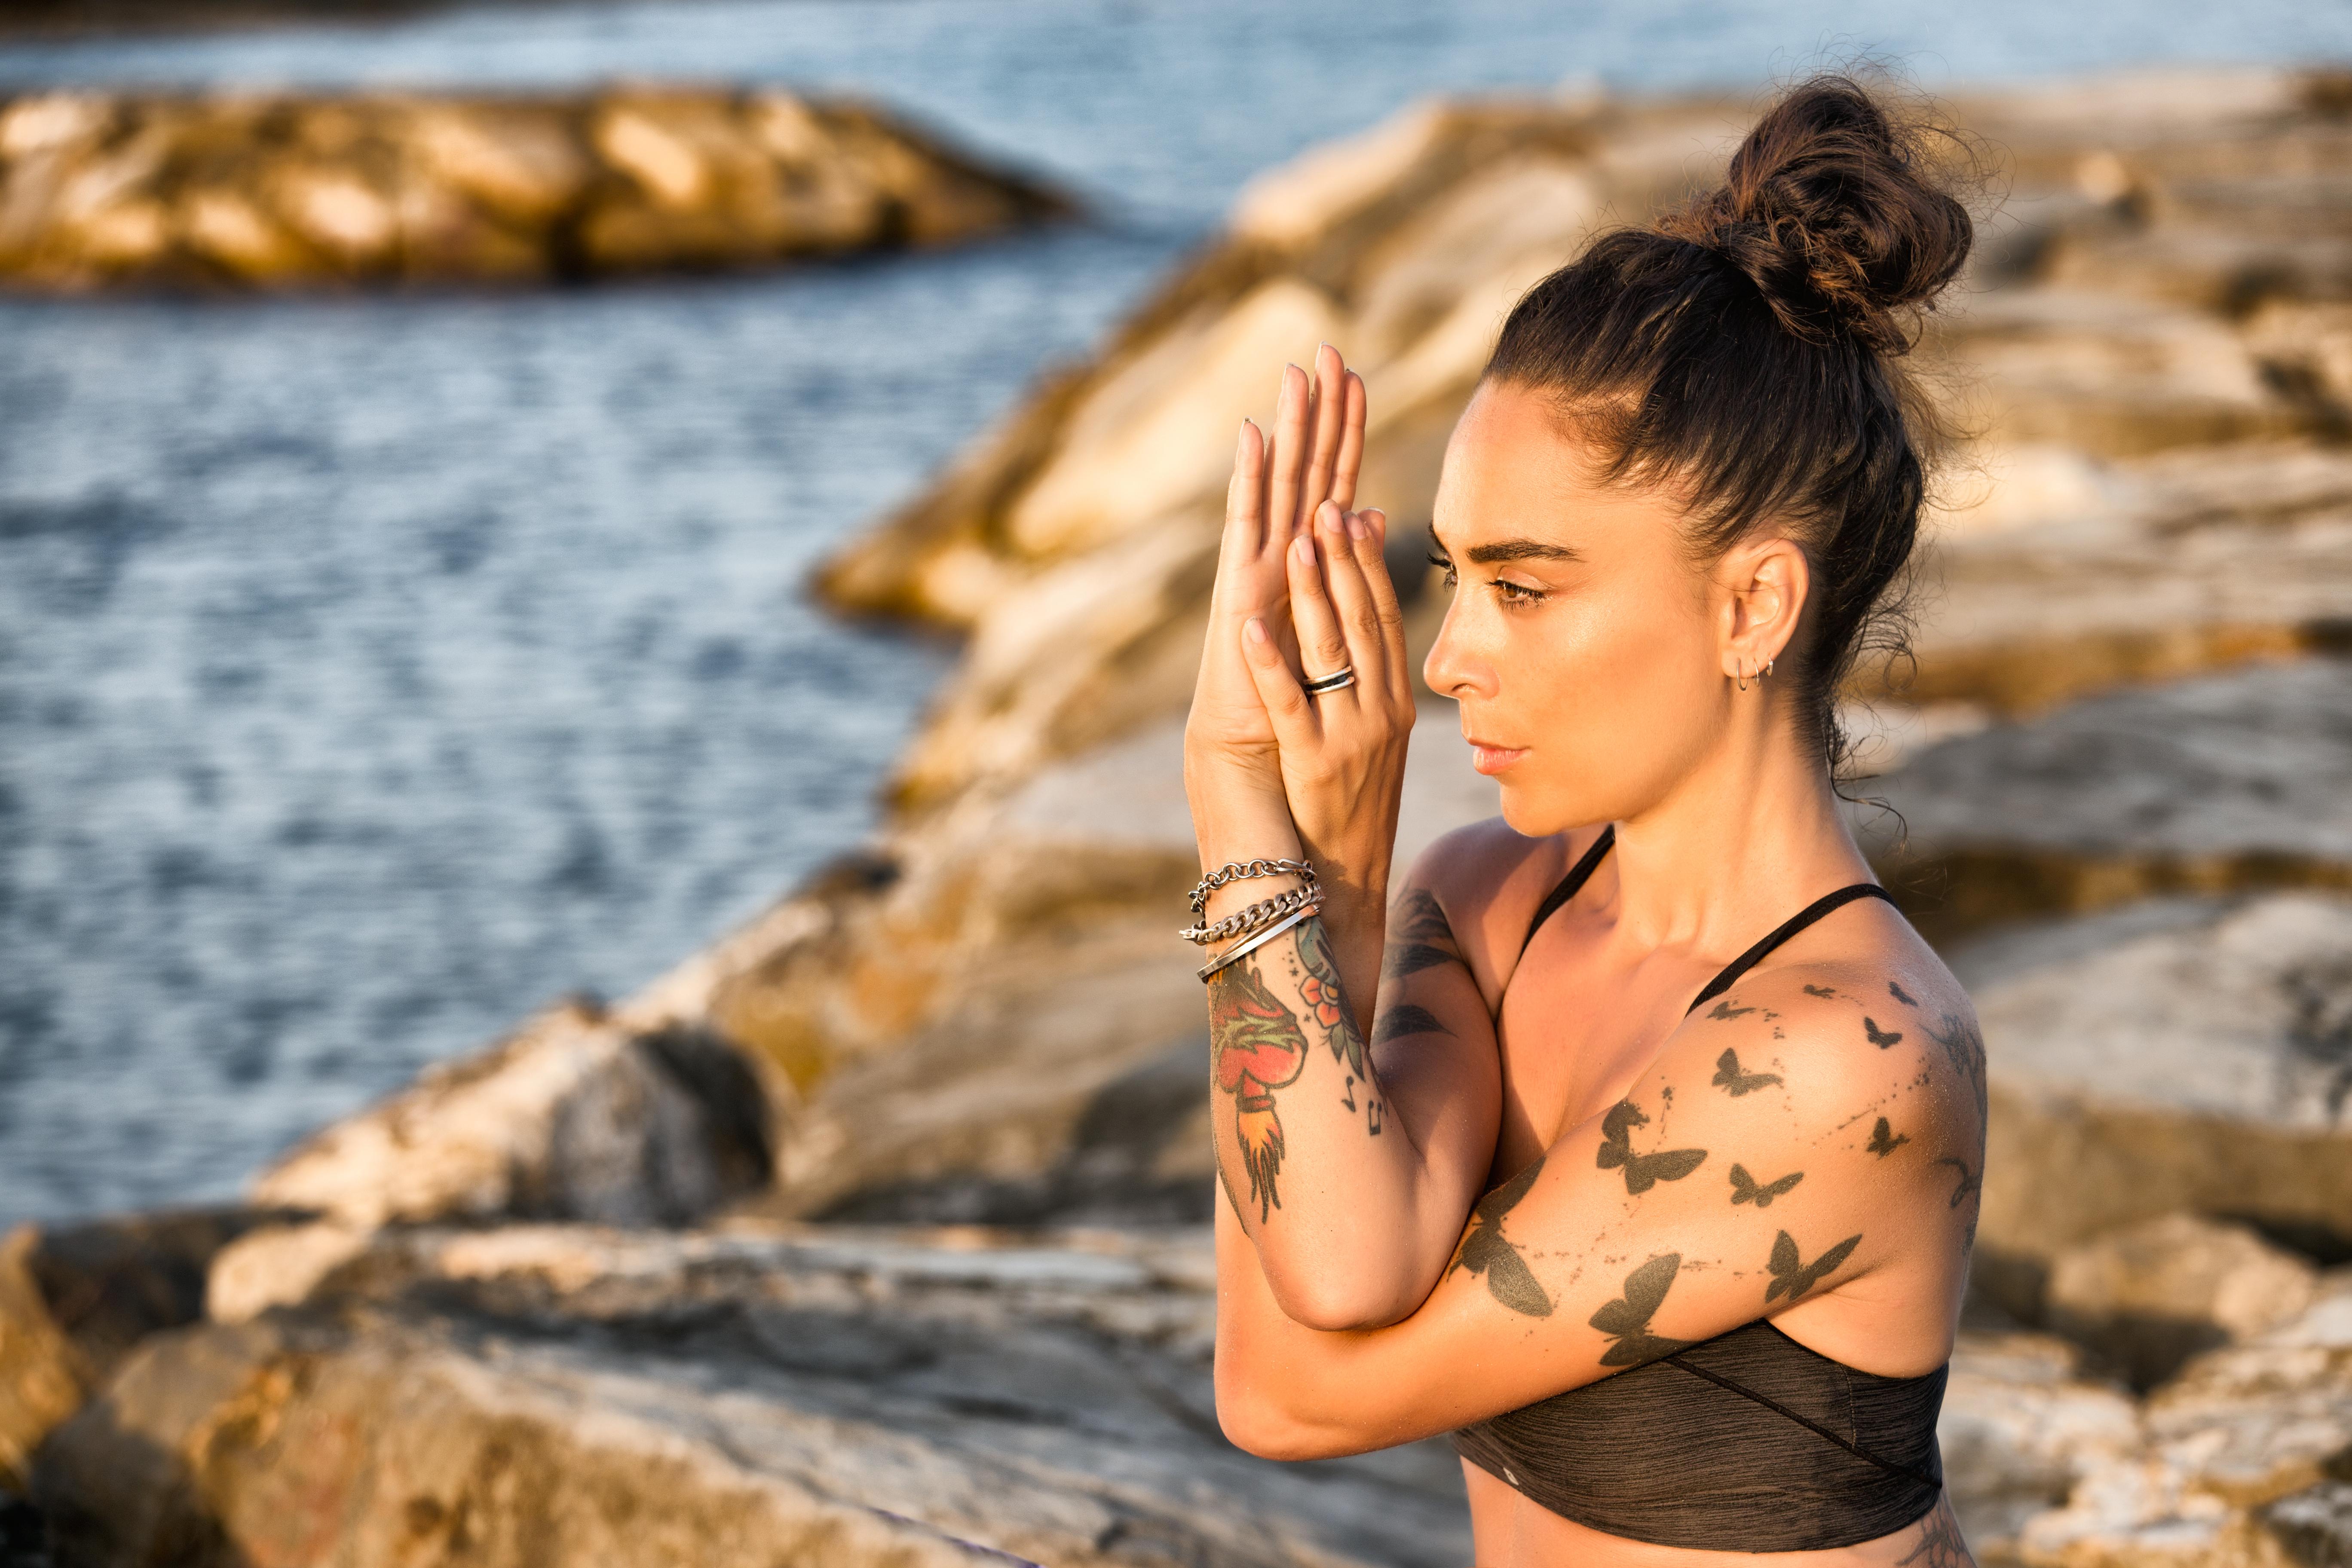 Sono Marta Noto, insegno da molti anni e dopo una lunga esperienza in varie strutture ho aperto un mio centro a Roma, il Pilates Garden Studio, dove seguo centinaia di persone. Il momento che tutti abbiamo vissuto, mi ha dato l